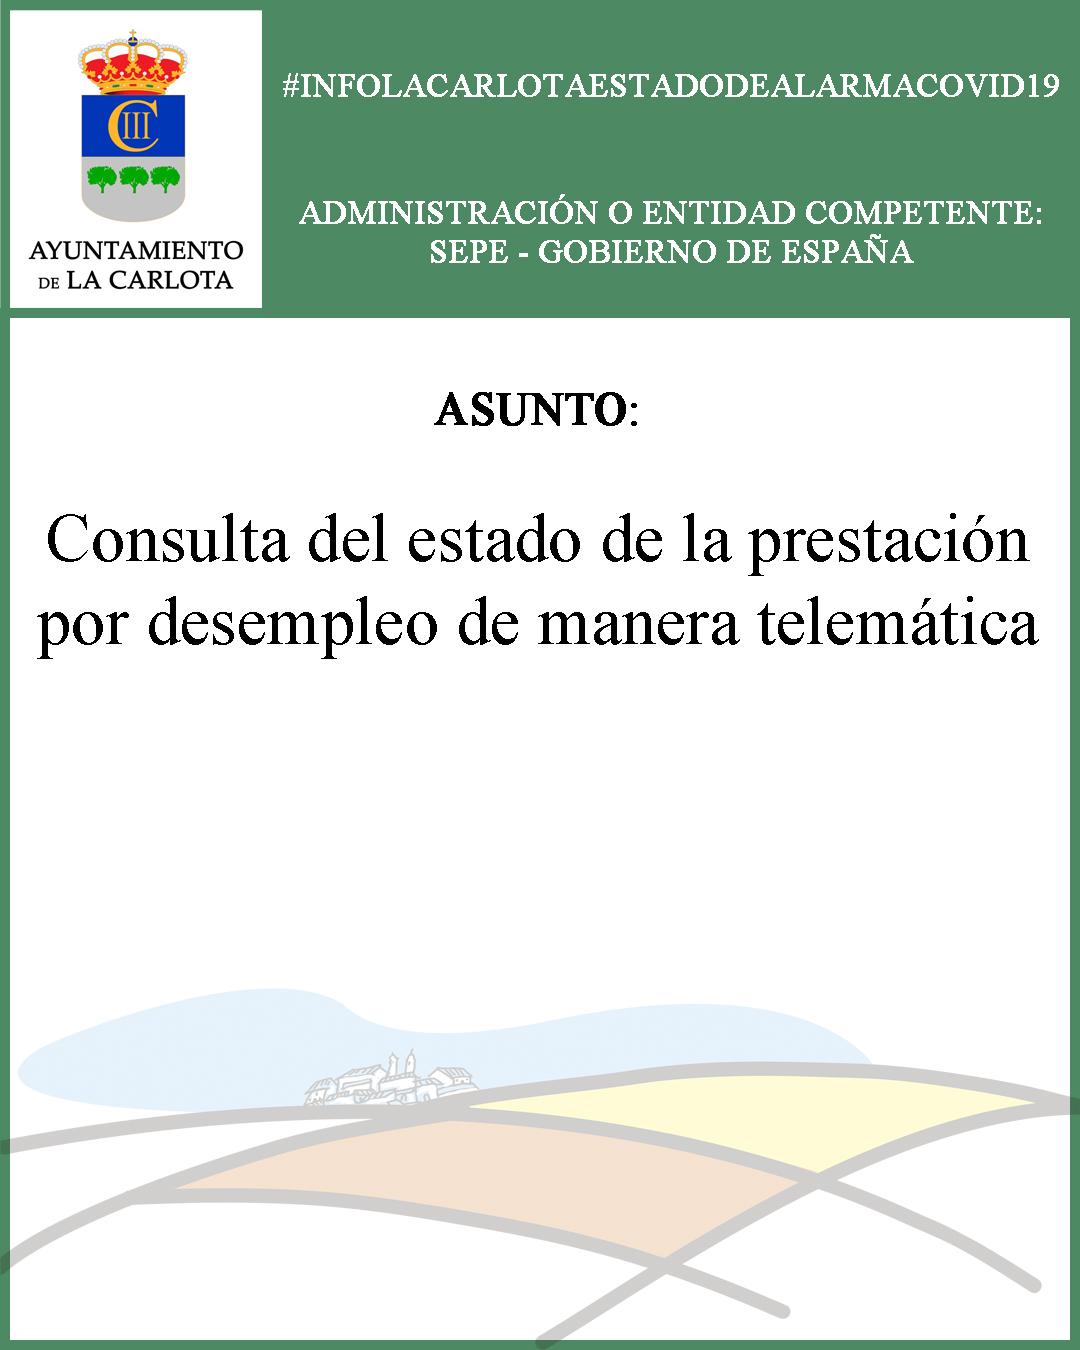 #INFOLACARLOTAESTADODEALARMACOVID19 CONSULTA DEL ESTADO DE LA PRESTACIÓN POR DESEMPLEO DE MANERA TELEMÁTICA 1